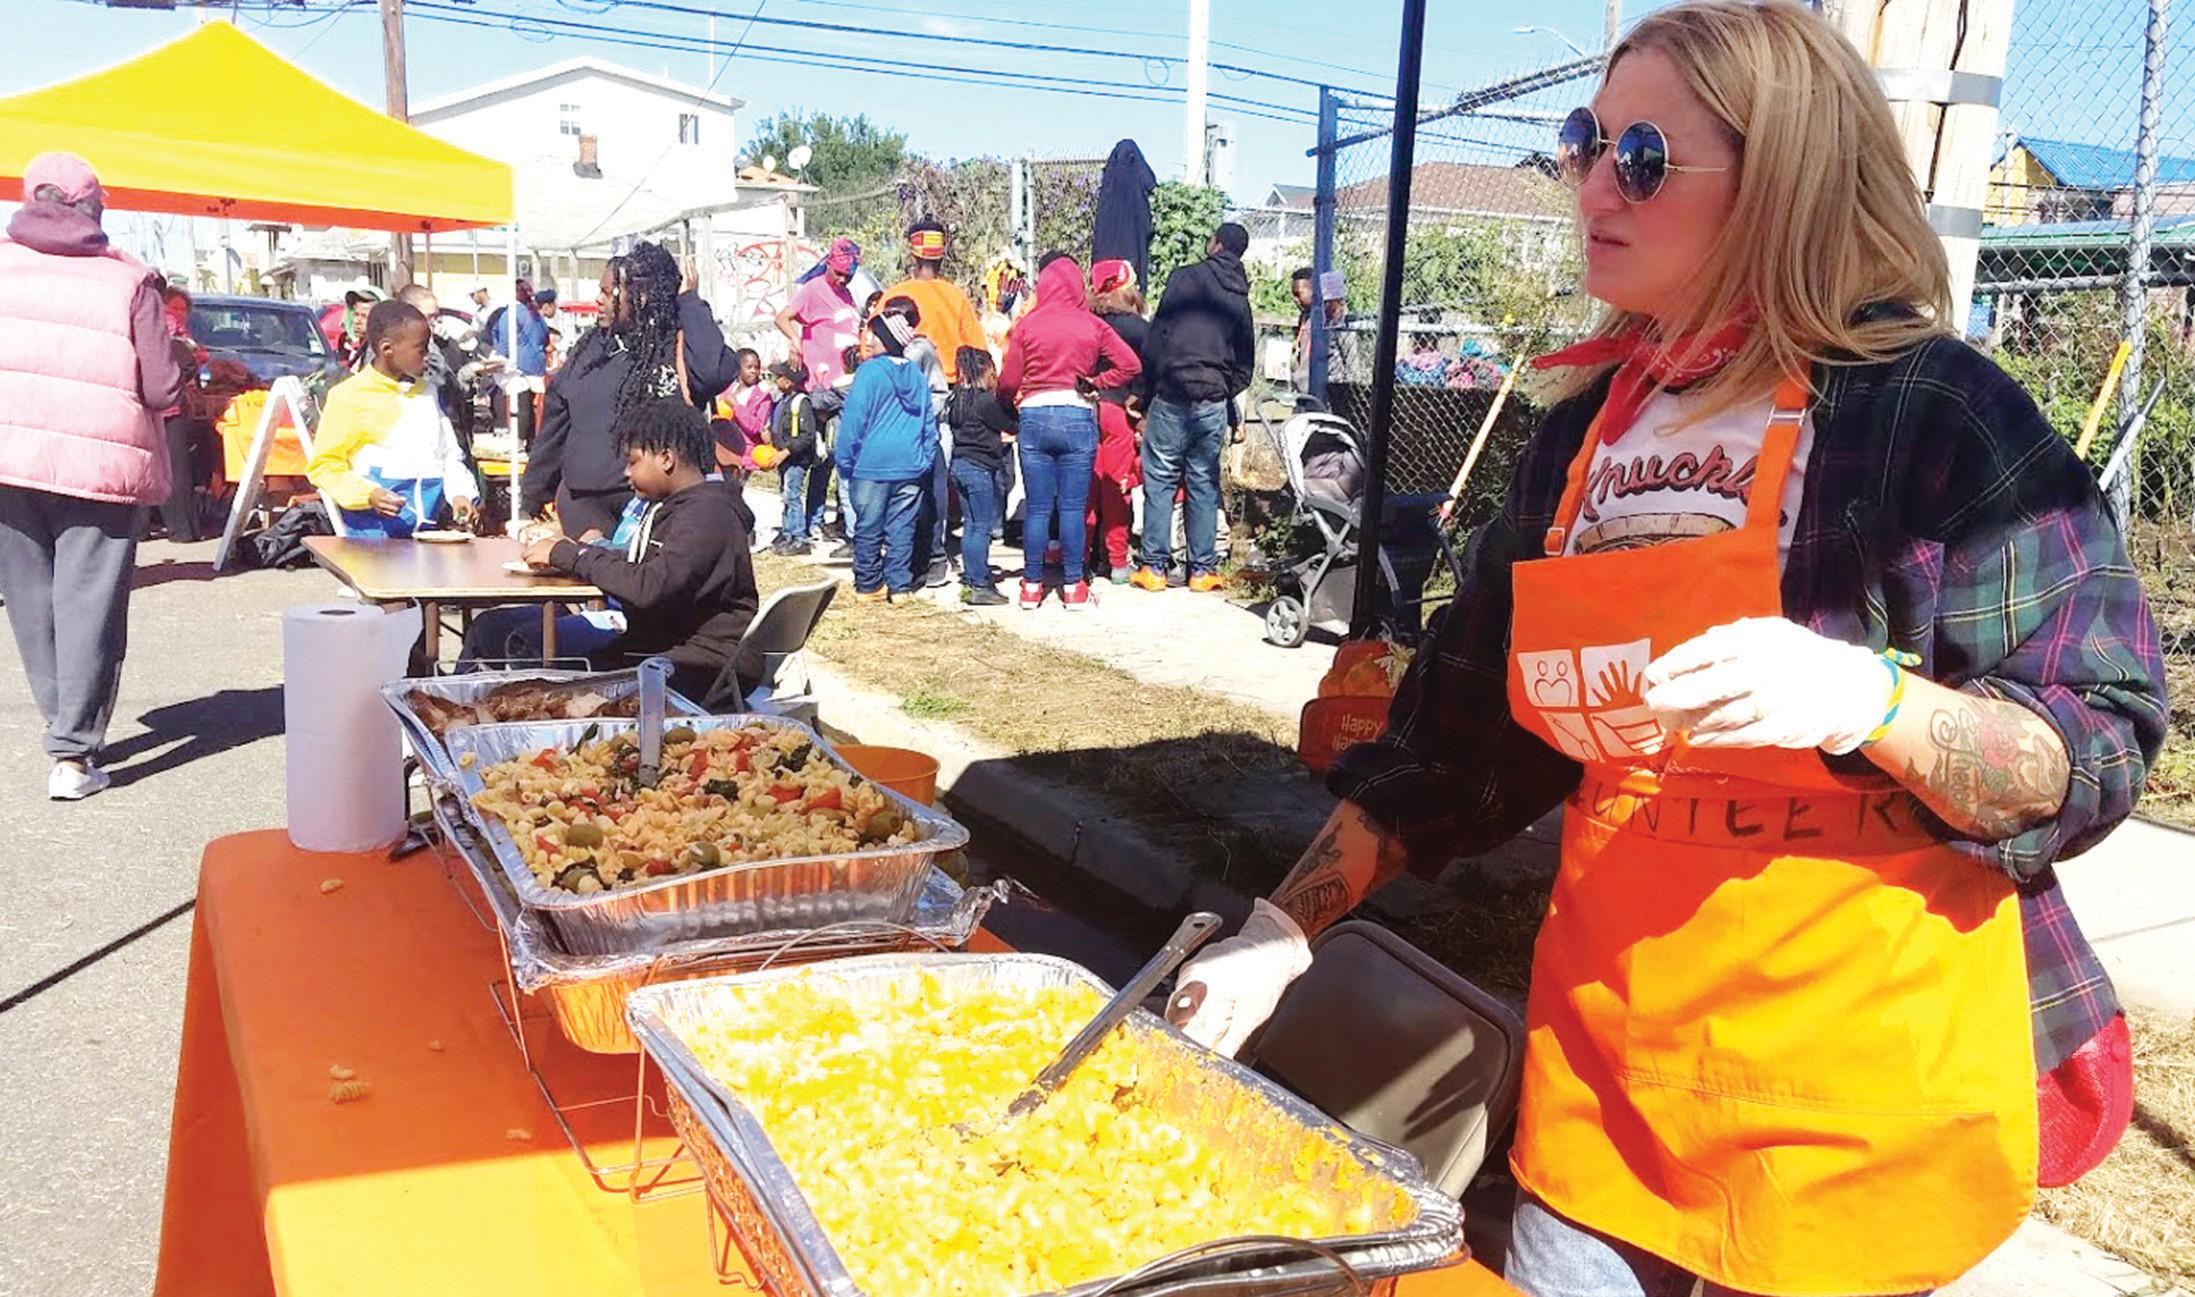 TCAH's Children's Harvest Festival